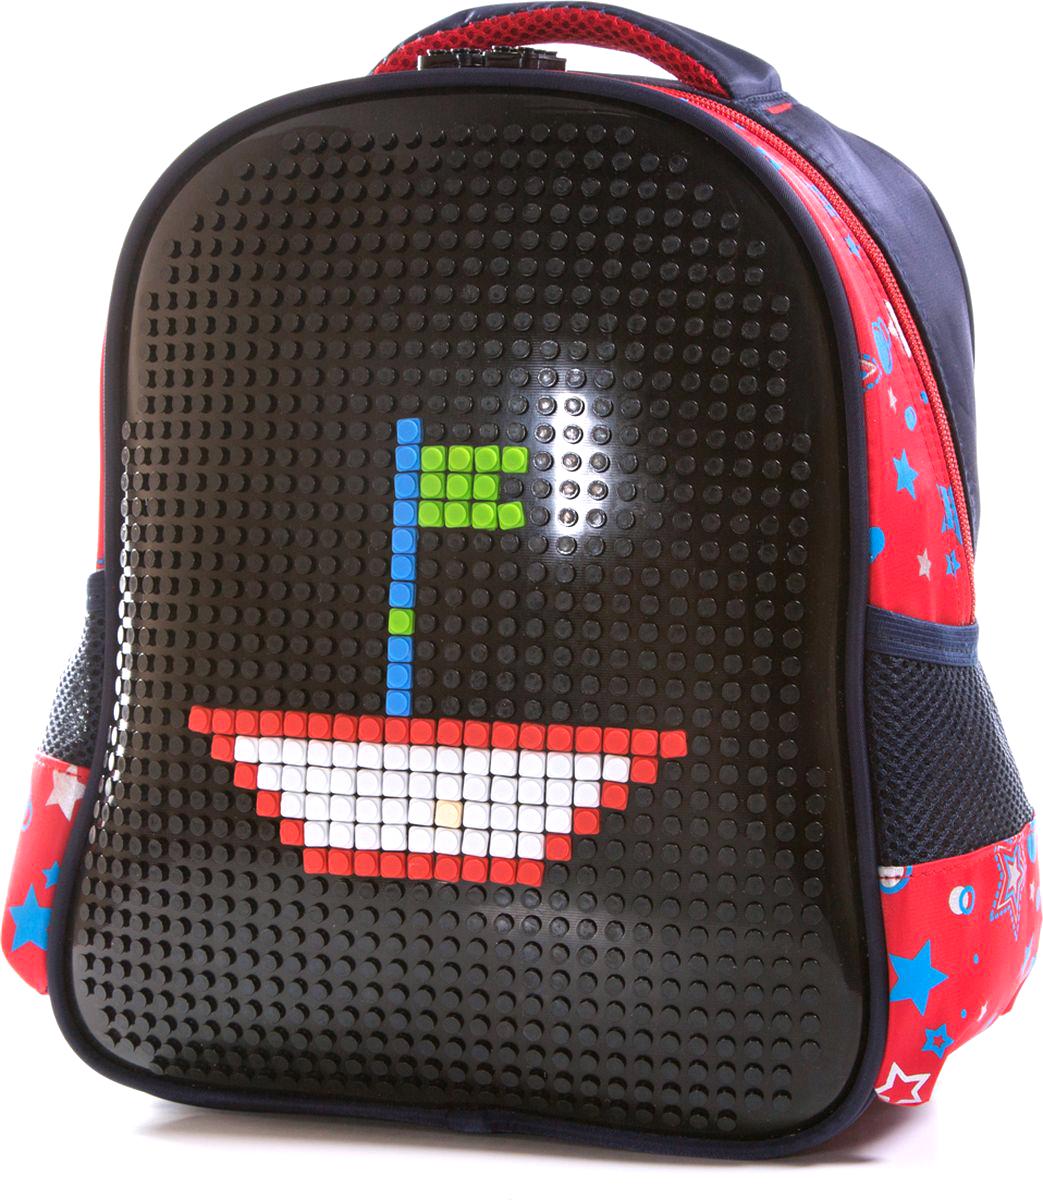 Vittorio Richi Рюкзак для мальчика цвет черный, красный K07R88805K07R88805Рюкзак Vittorio Richi с набором пикселей в комплекте. Водоотталкивающая износостойкая ткань. Укрепленная спинка, эластичные широкие лямки. У рюкзака одно основное отделение, дополнительный карман для мелочей внутри, два открытых кармашка по бокам.